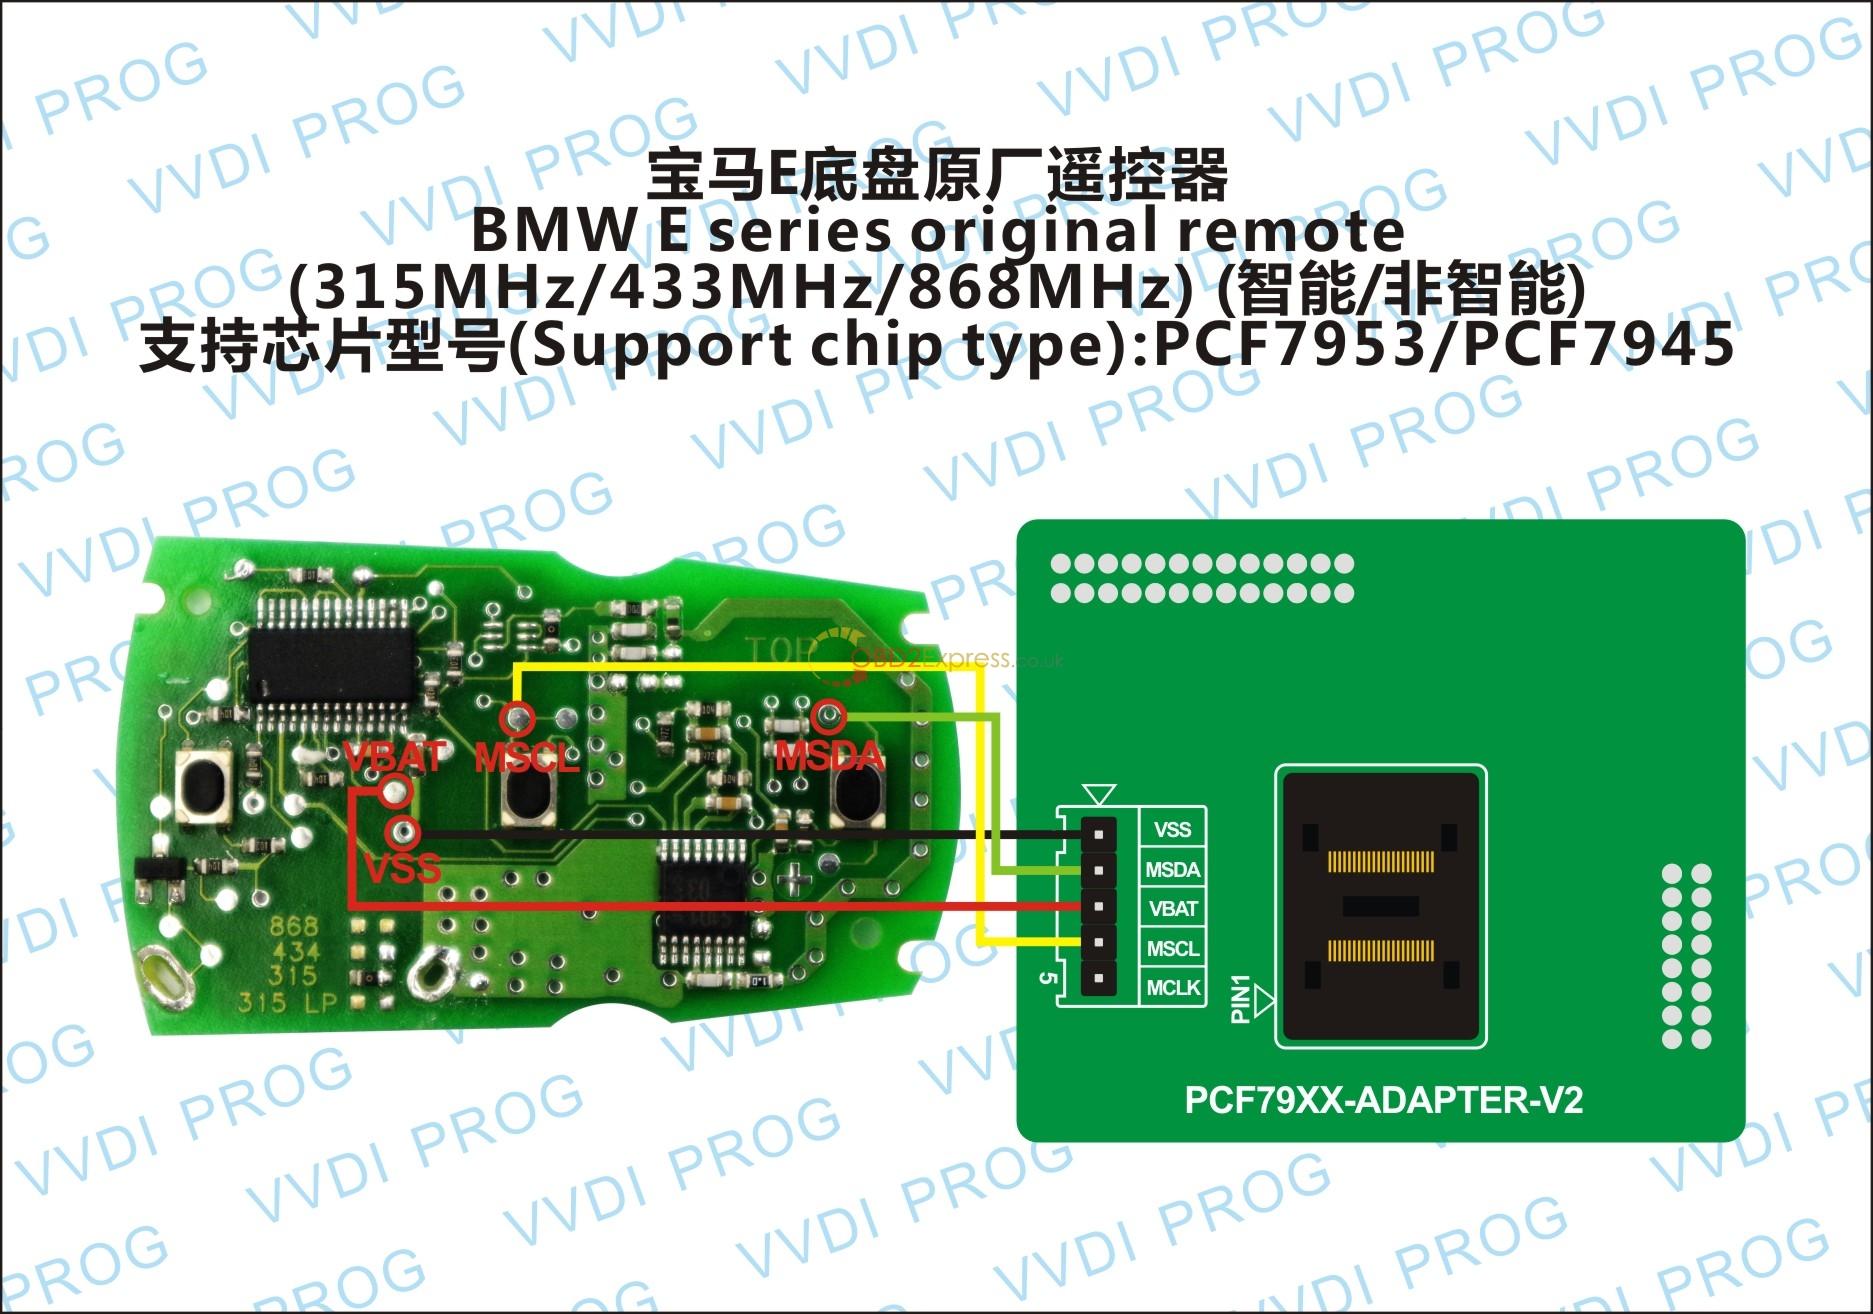 BMW E SEIRES ORIGINAL REMOTE RENEW IN CIRCUIT - How VVDI PROG work on BMW CAS2 CAS 3+ CAS4 EWS4 -